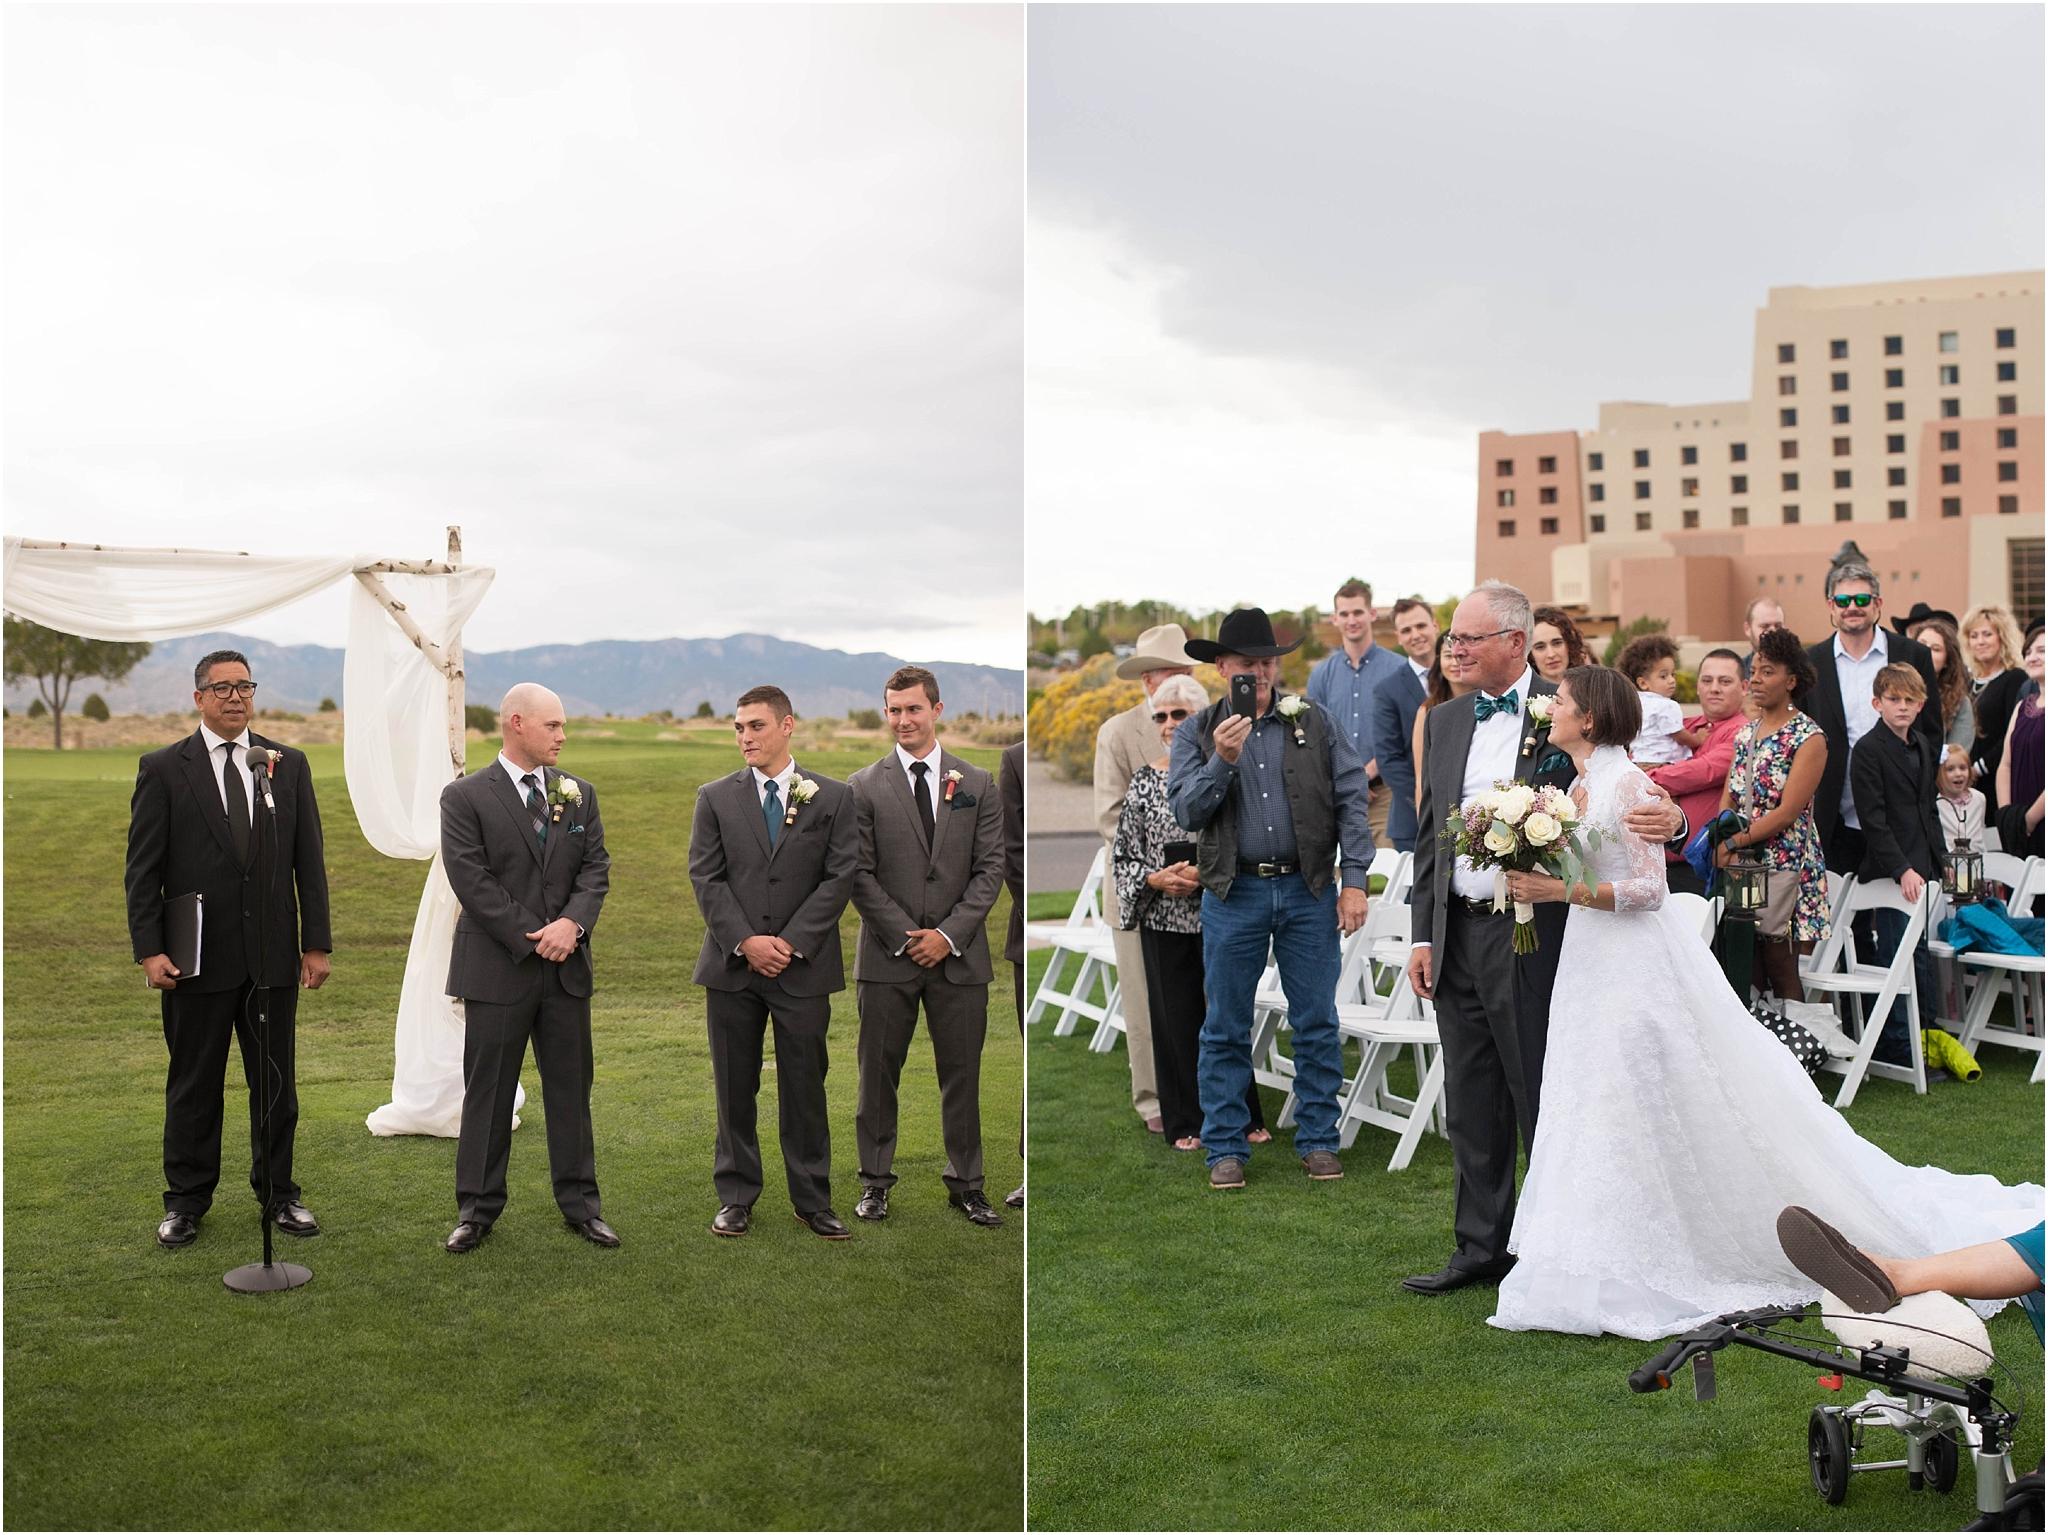 kayla kitts photography - new mexico wedding photographer - albuquerque botanic gardens - hotel albuquerque_0091.jpg